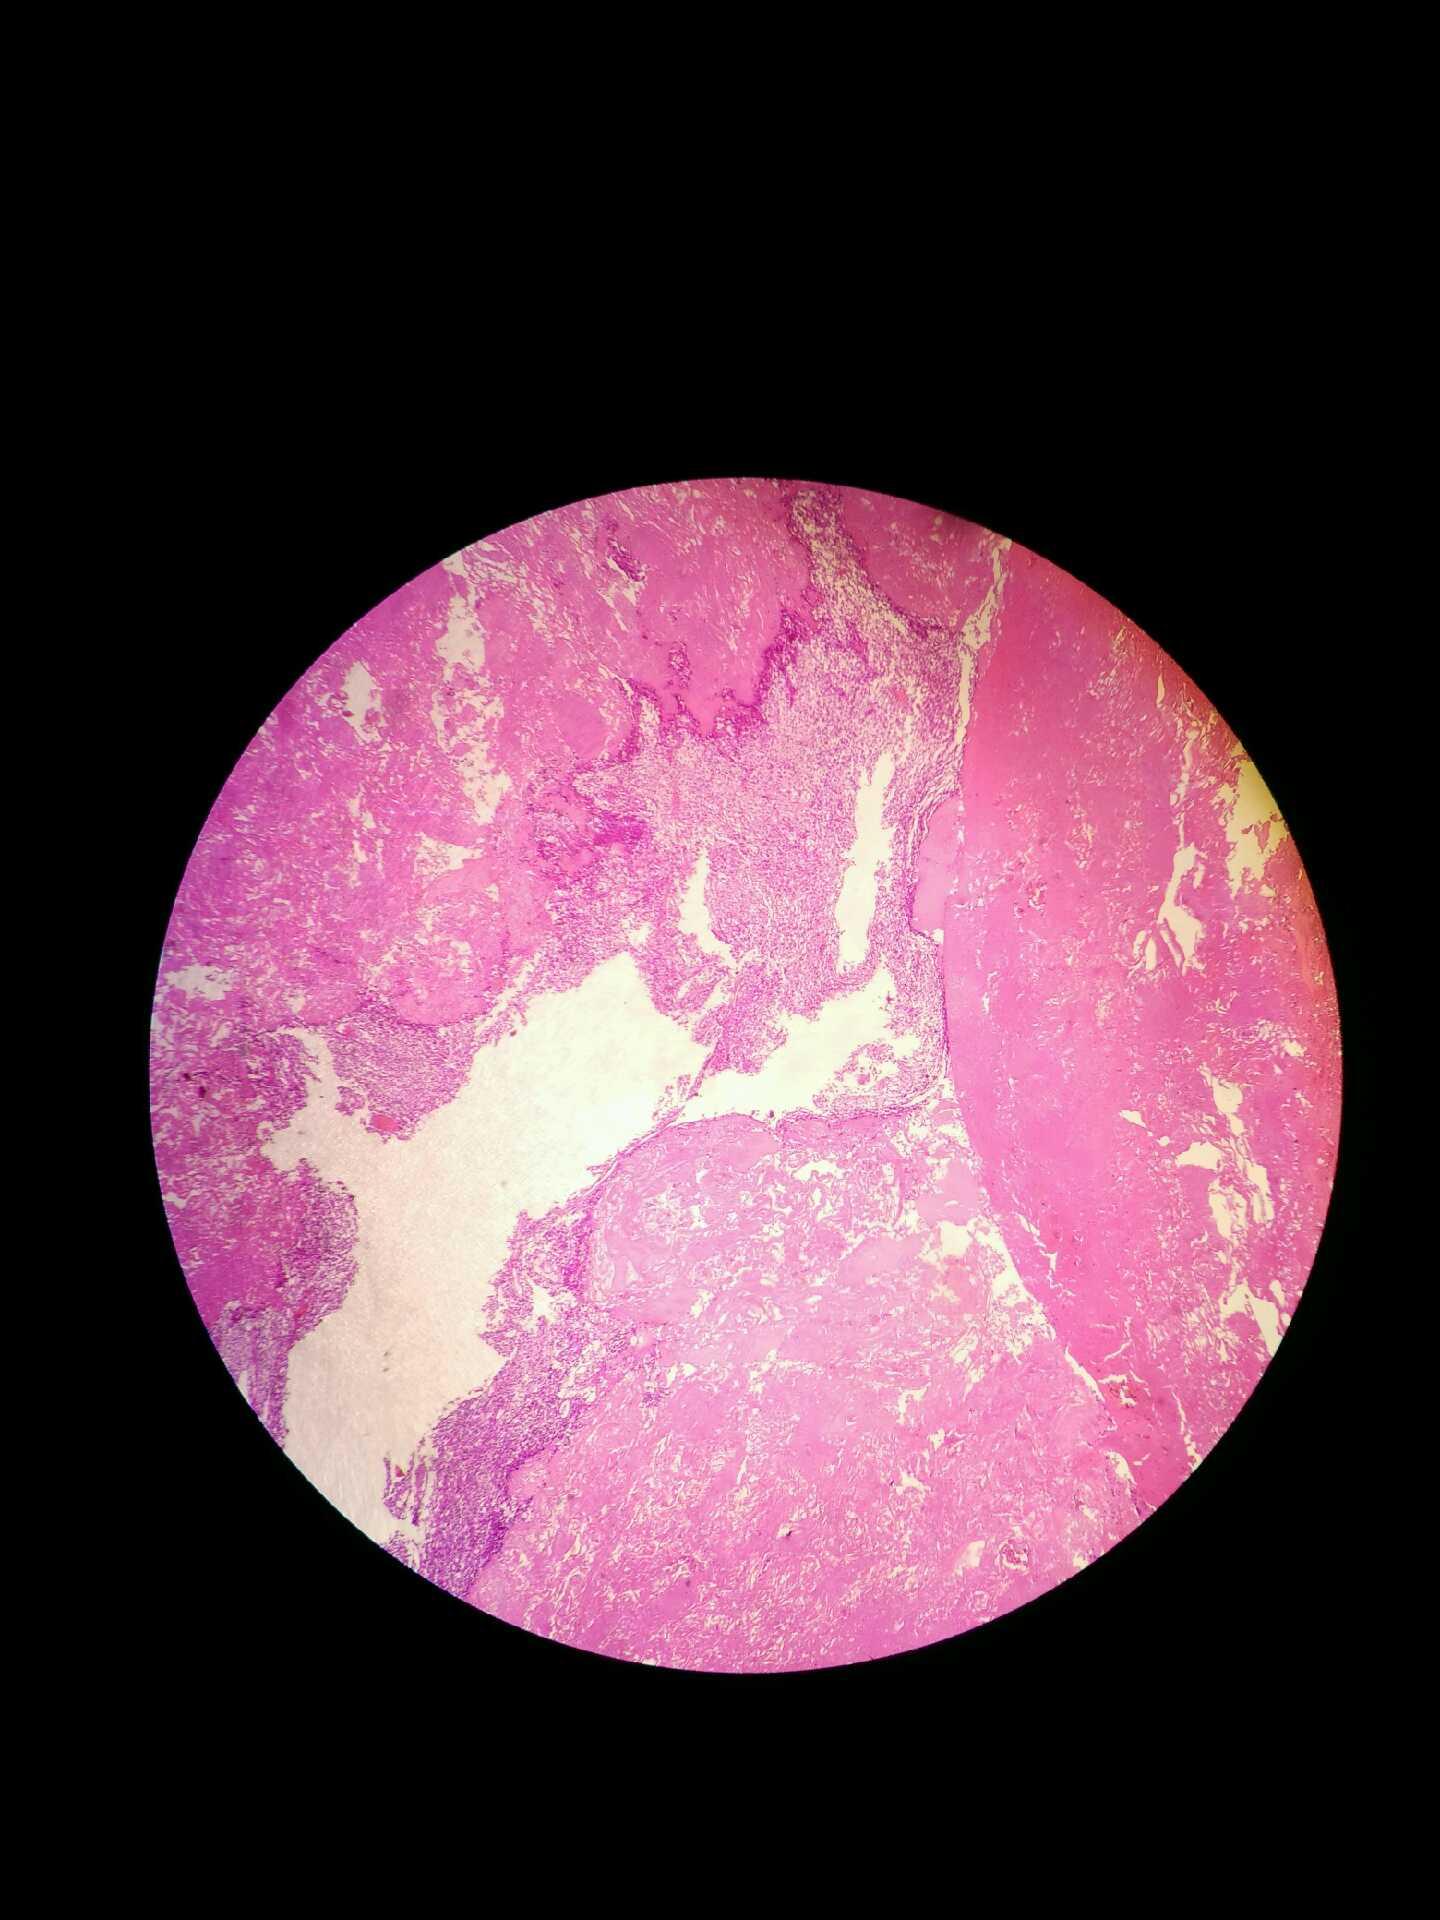 lymphoepithelioma like thymic carcinoma in histopathology